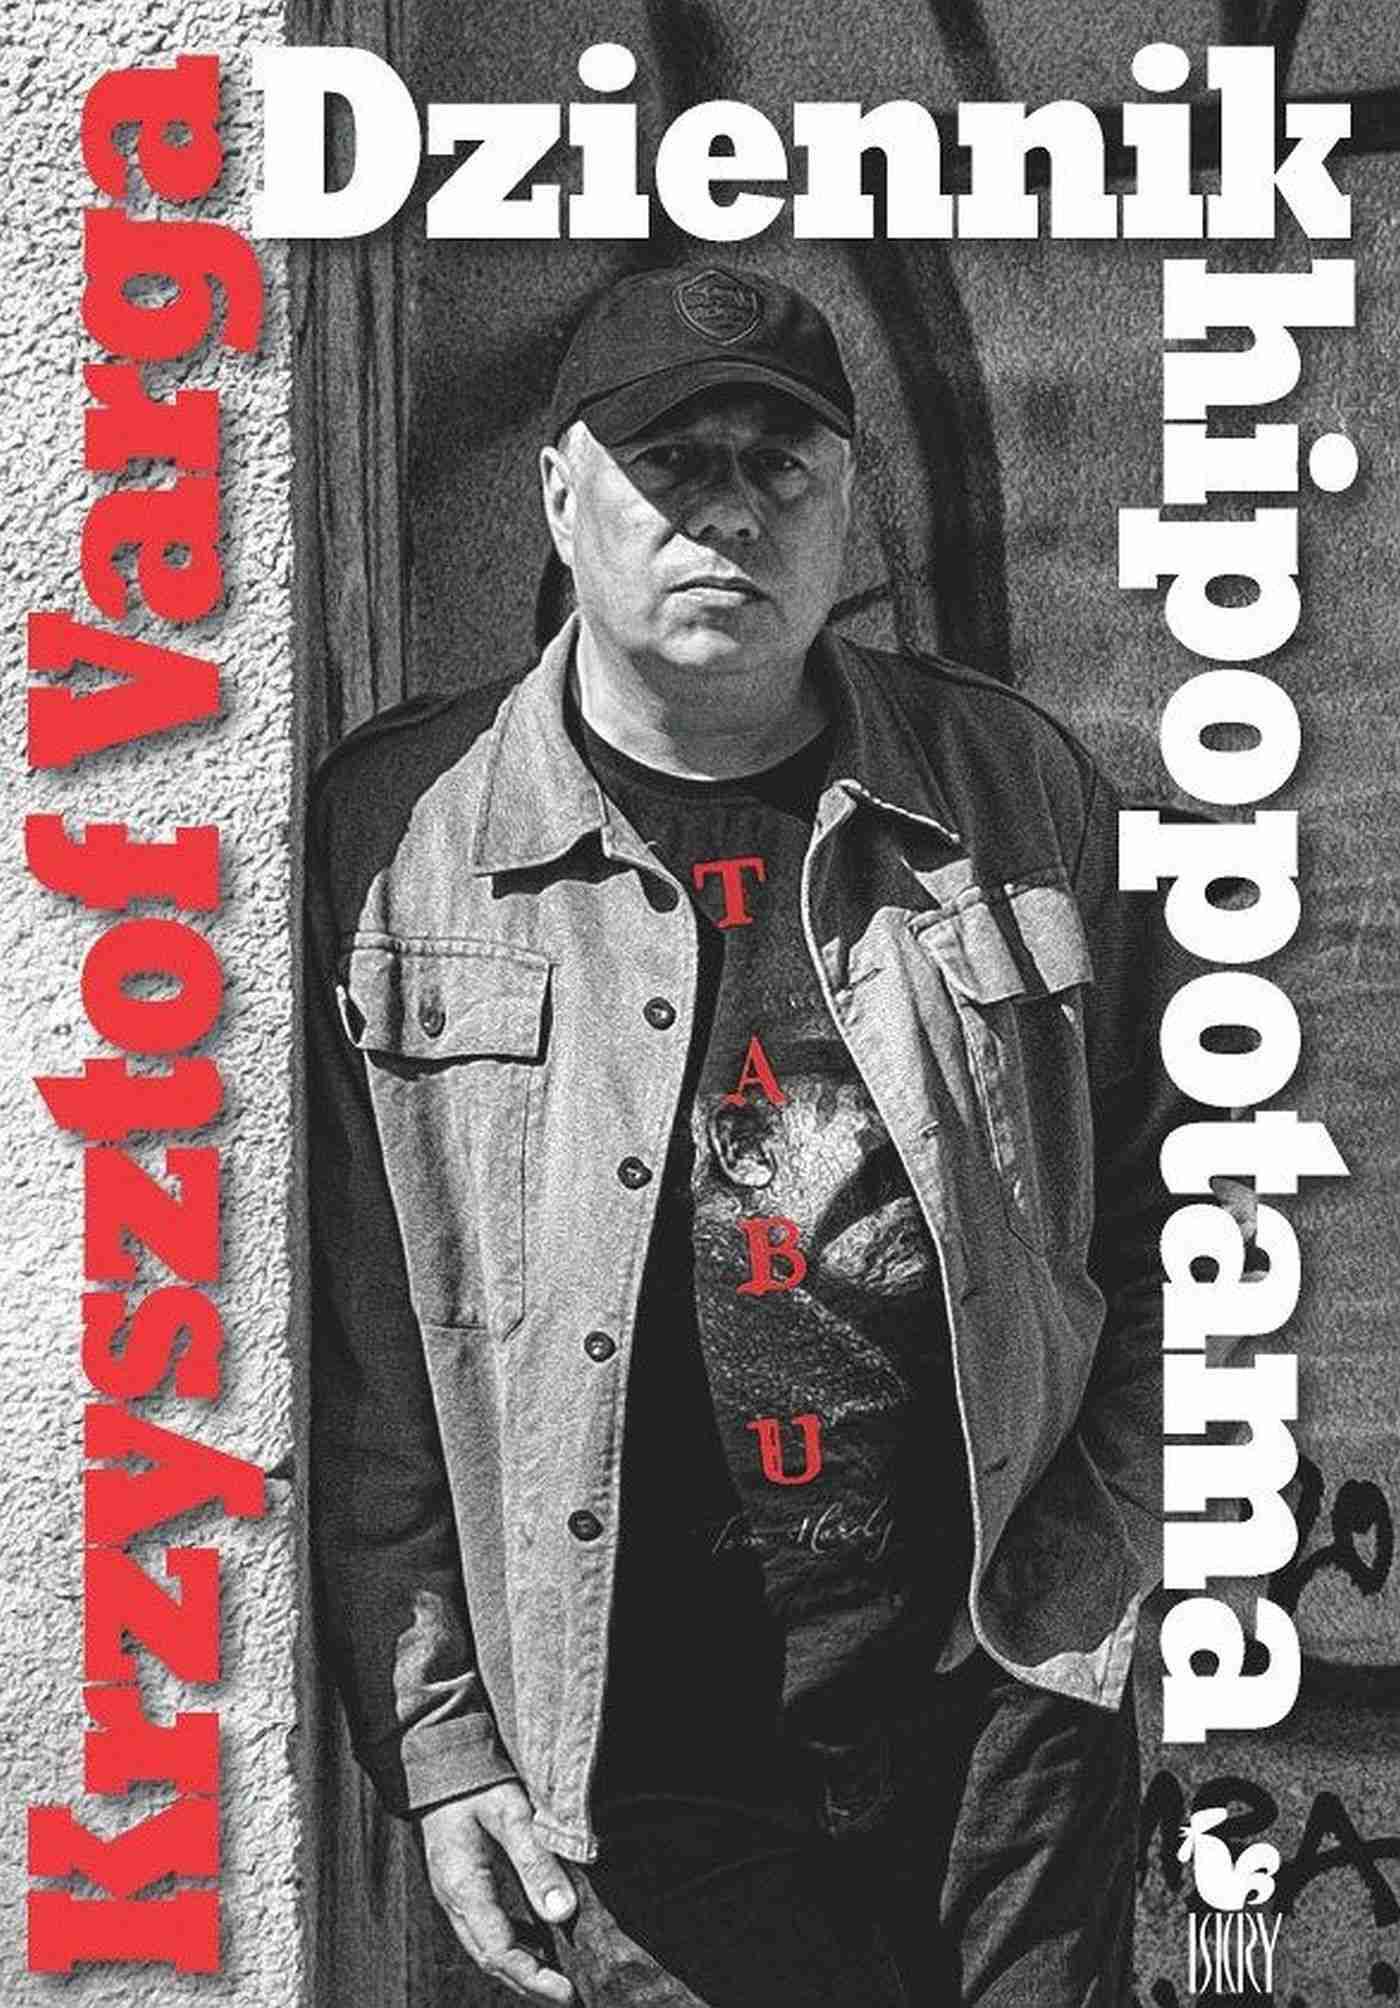 Dziennik hipopotama - Ebook (Książka EPUB) do pobrania w formacie EPUB